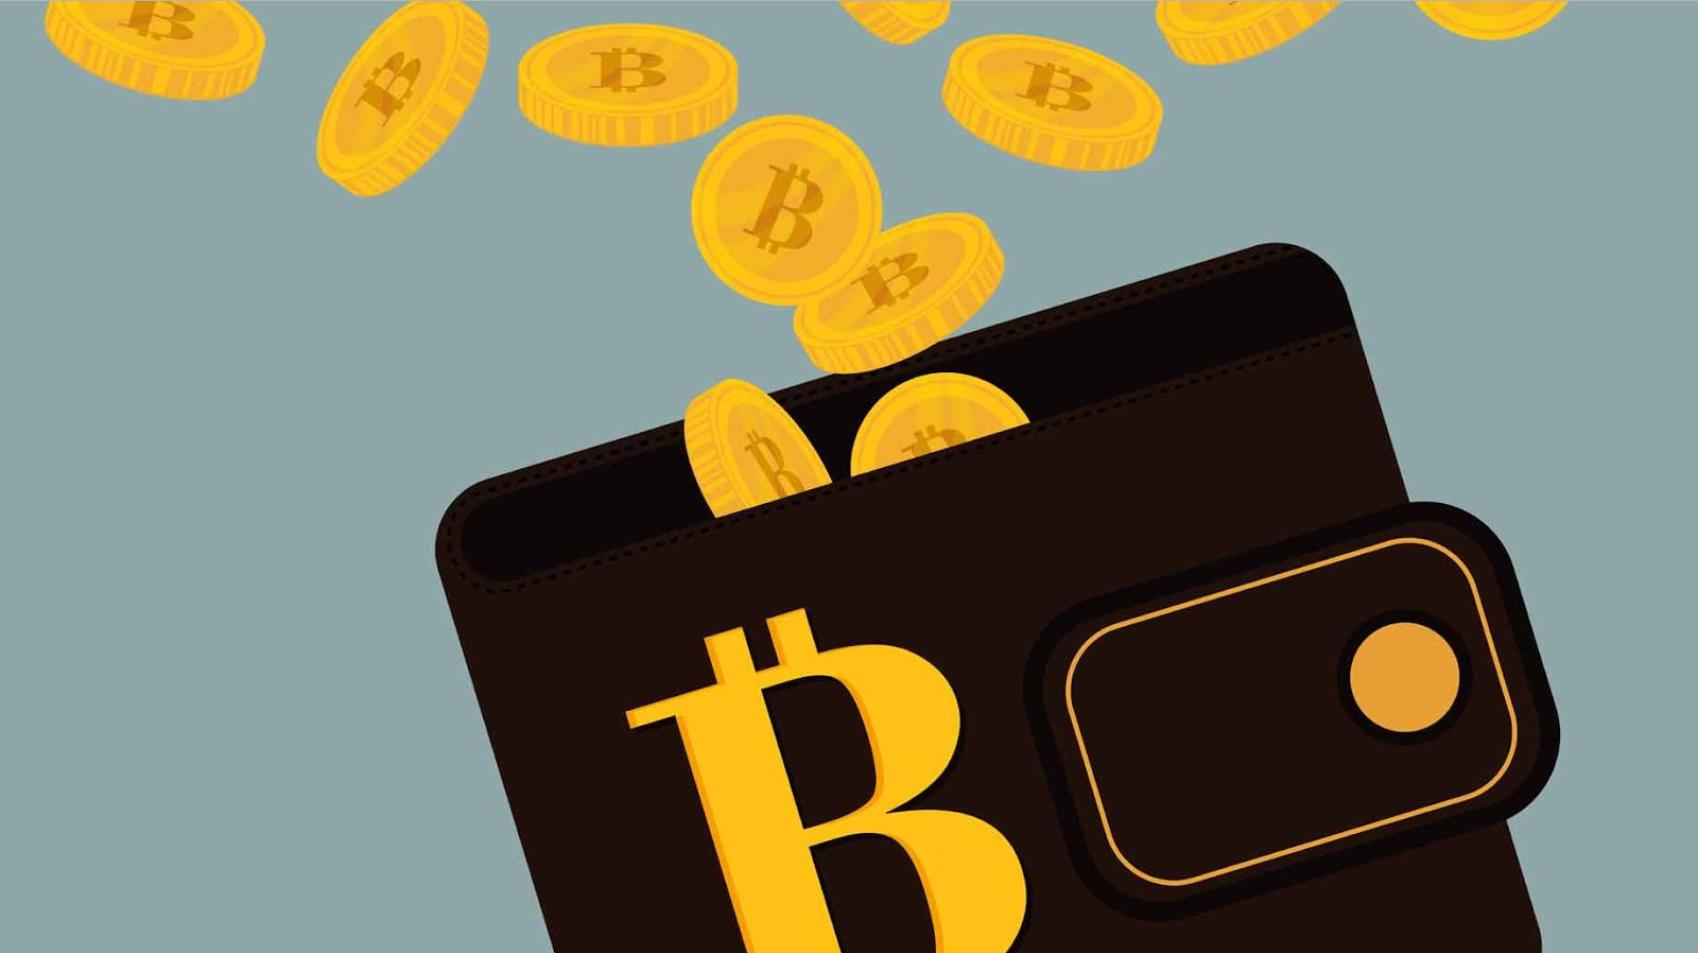 Đánh giá top 5 ví Bitcoin phổ biến và tốt nhất hiện nay   Góc Tiền Ảo